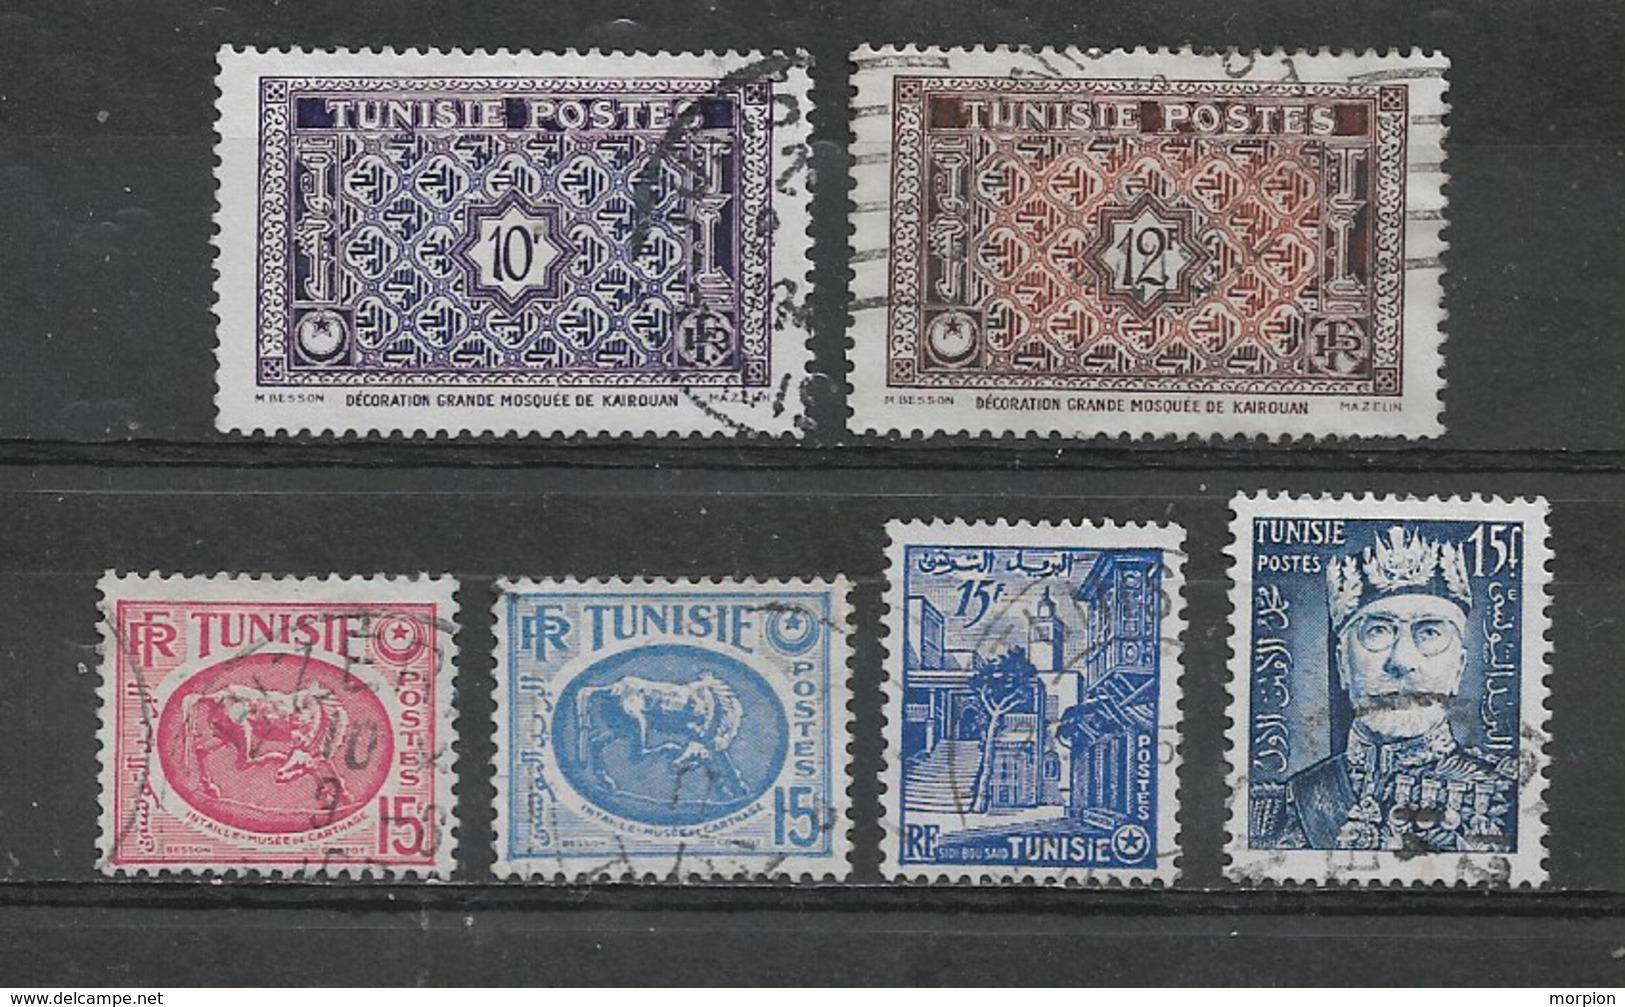 TUNISIE  Yvert  N° 318A-318C-344-344A-374-395  Oblitérés - Oblitérés